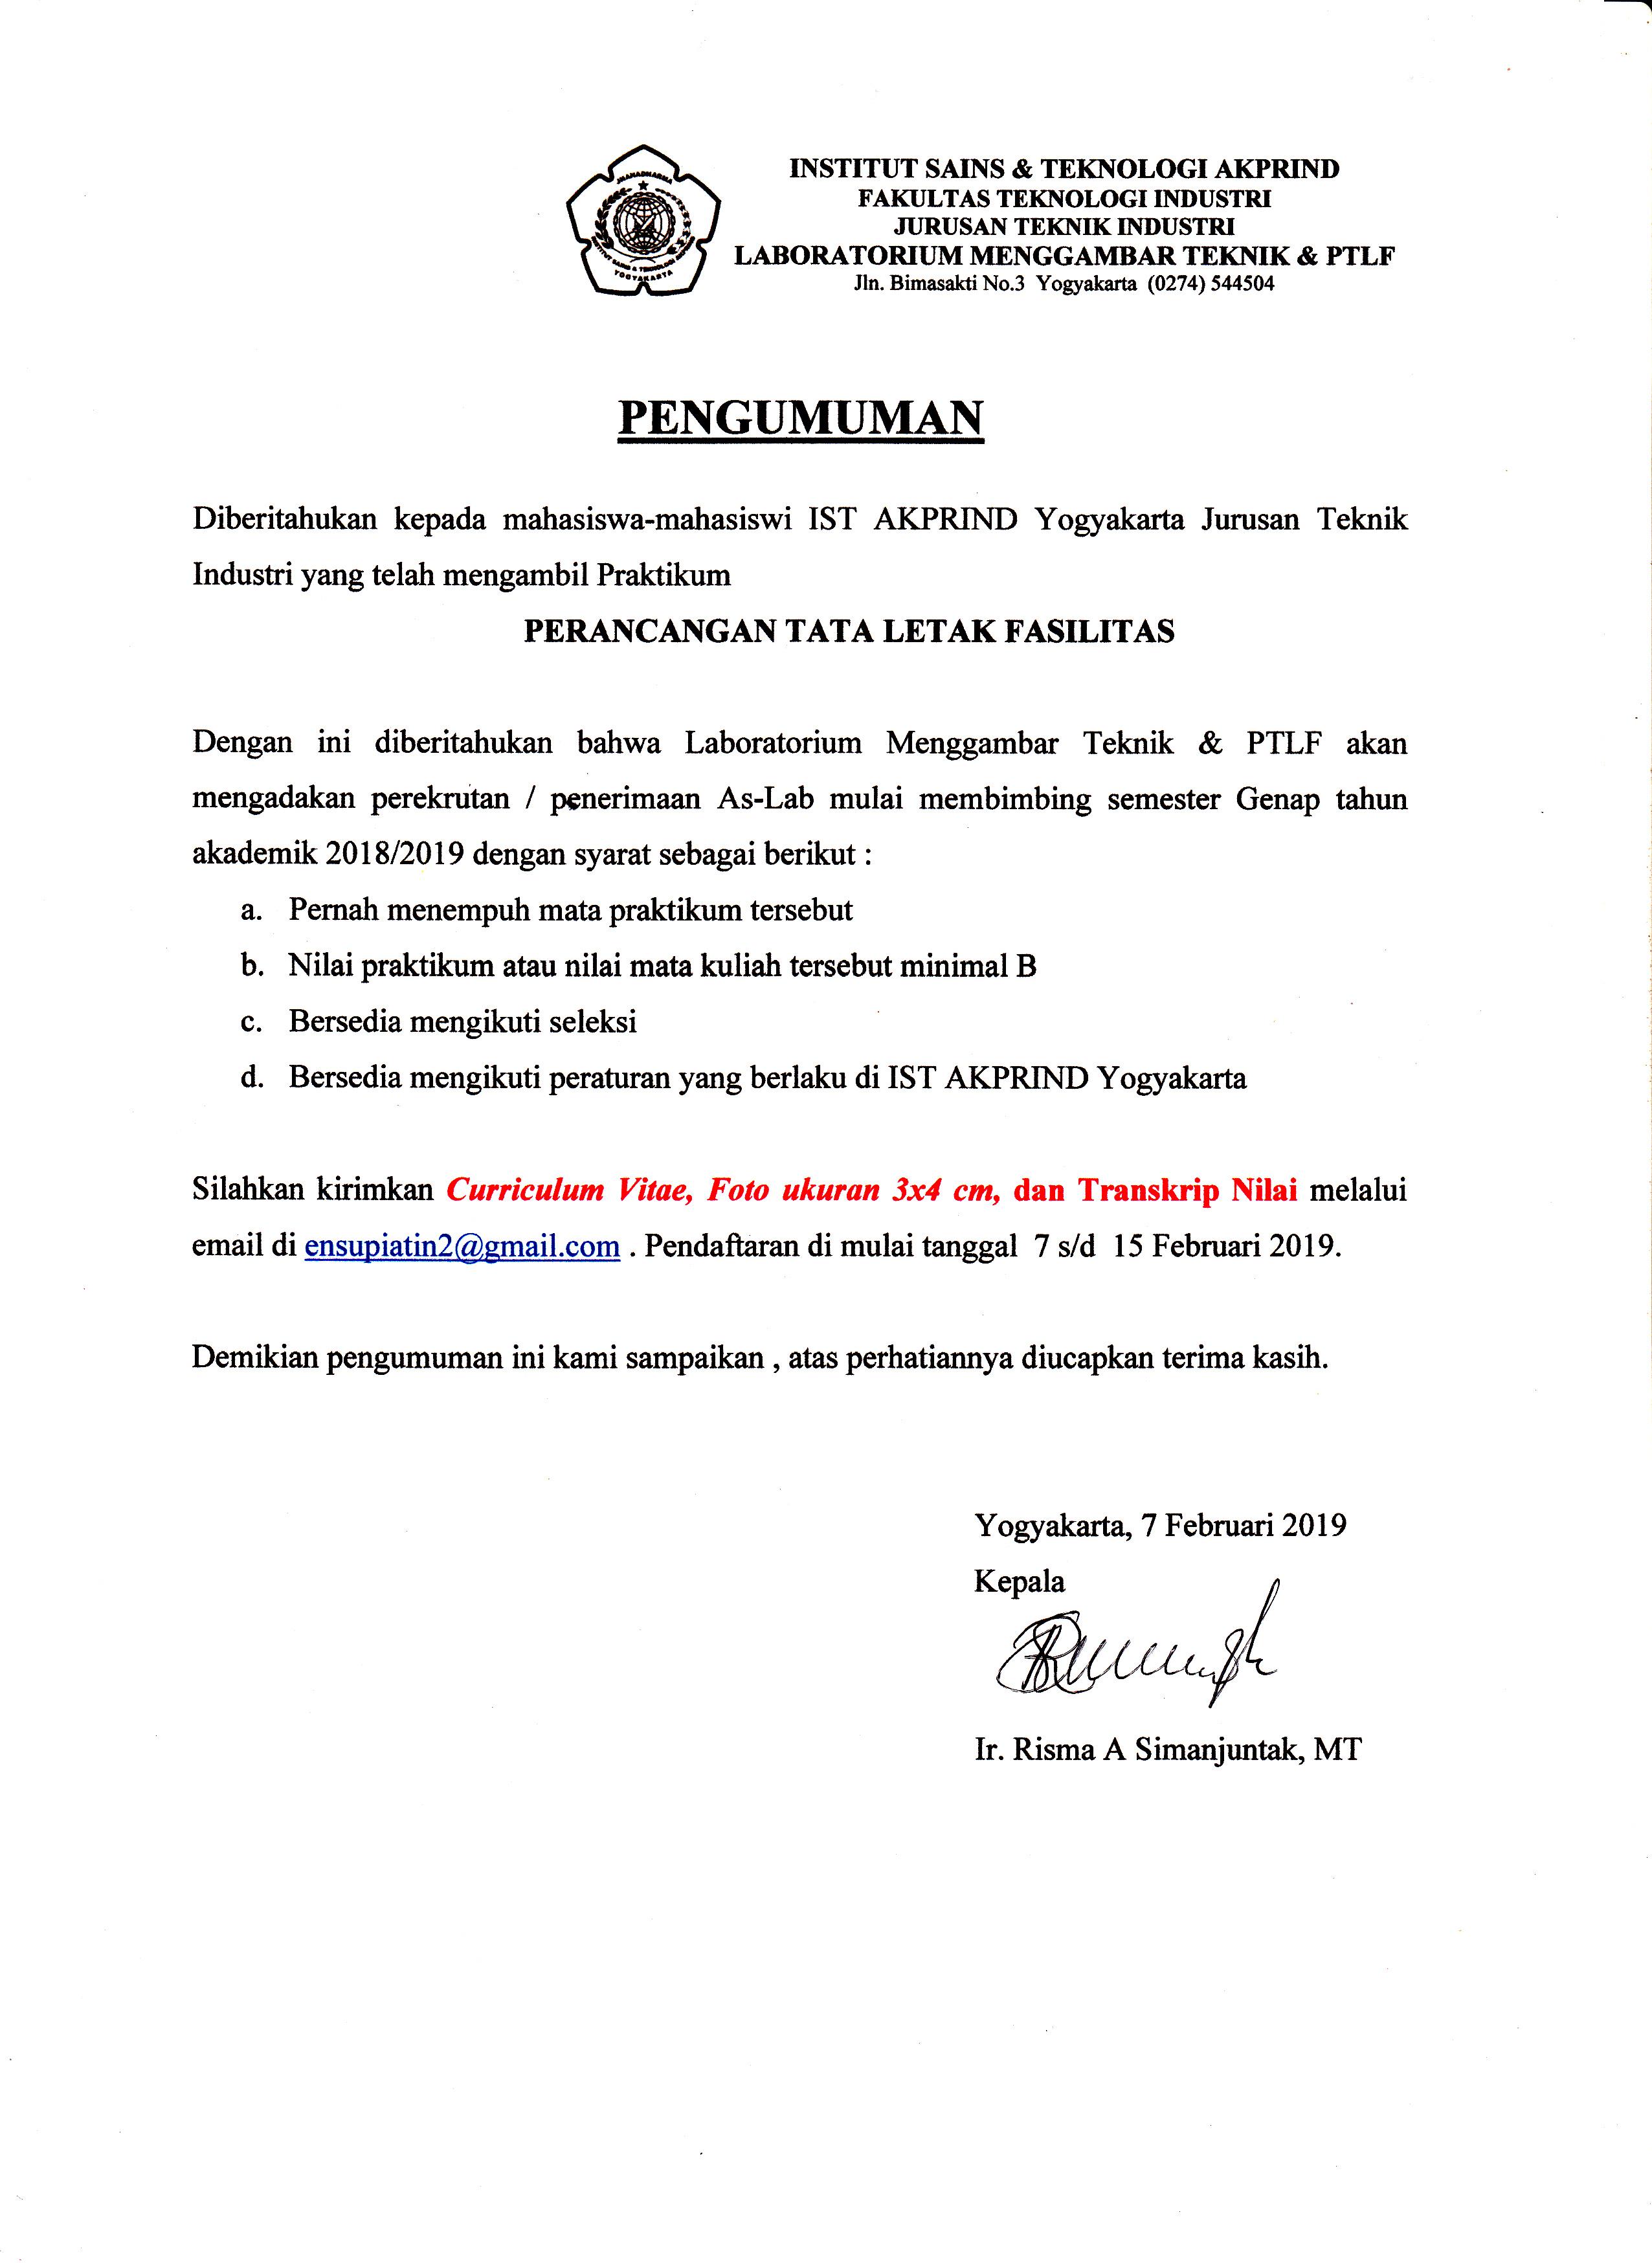 Pengumuman Pendaftara Asisten Lab PTLF Genap 2018-2019